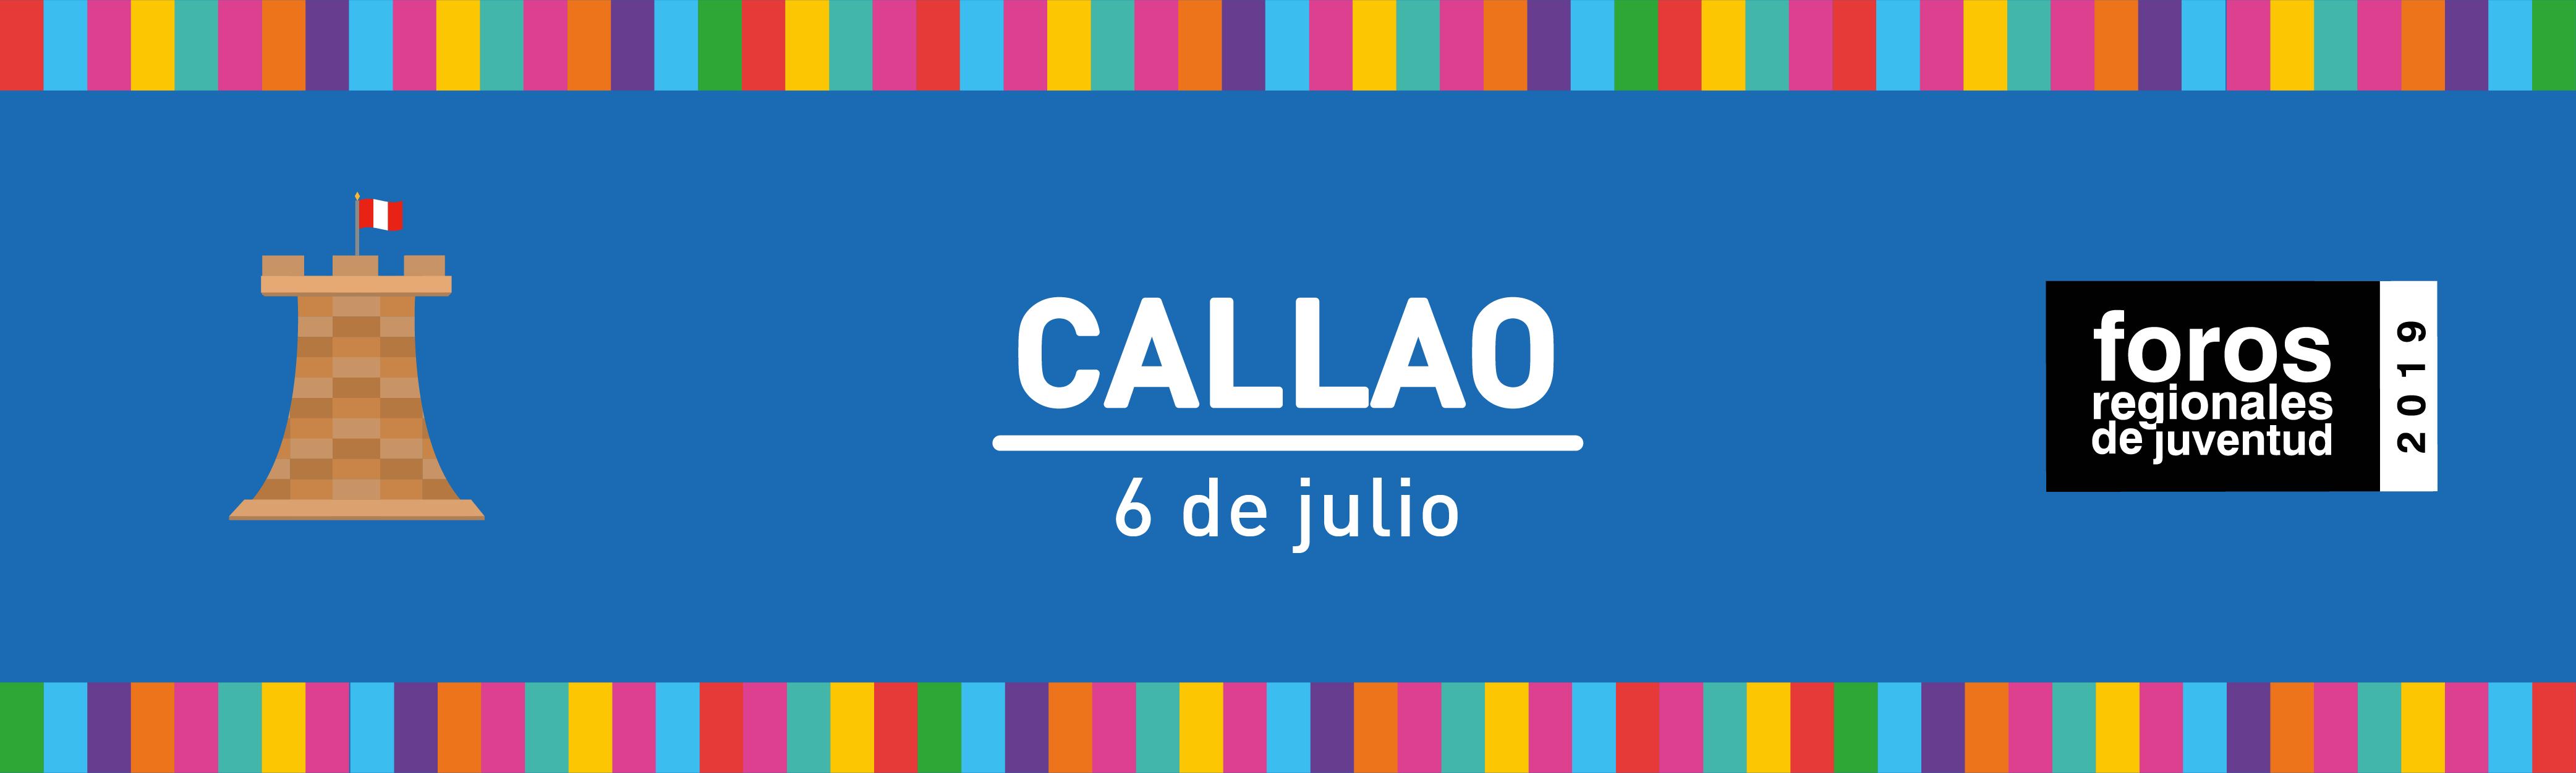 Foro Regional Callao 06/07/2019